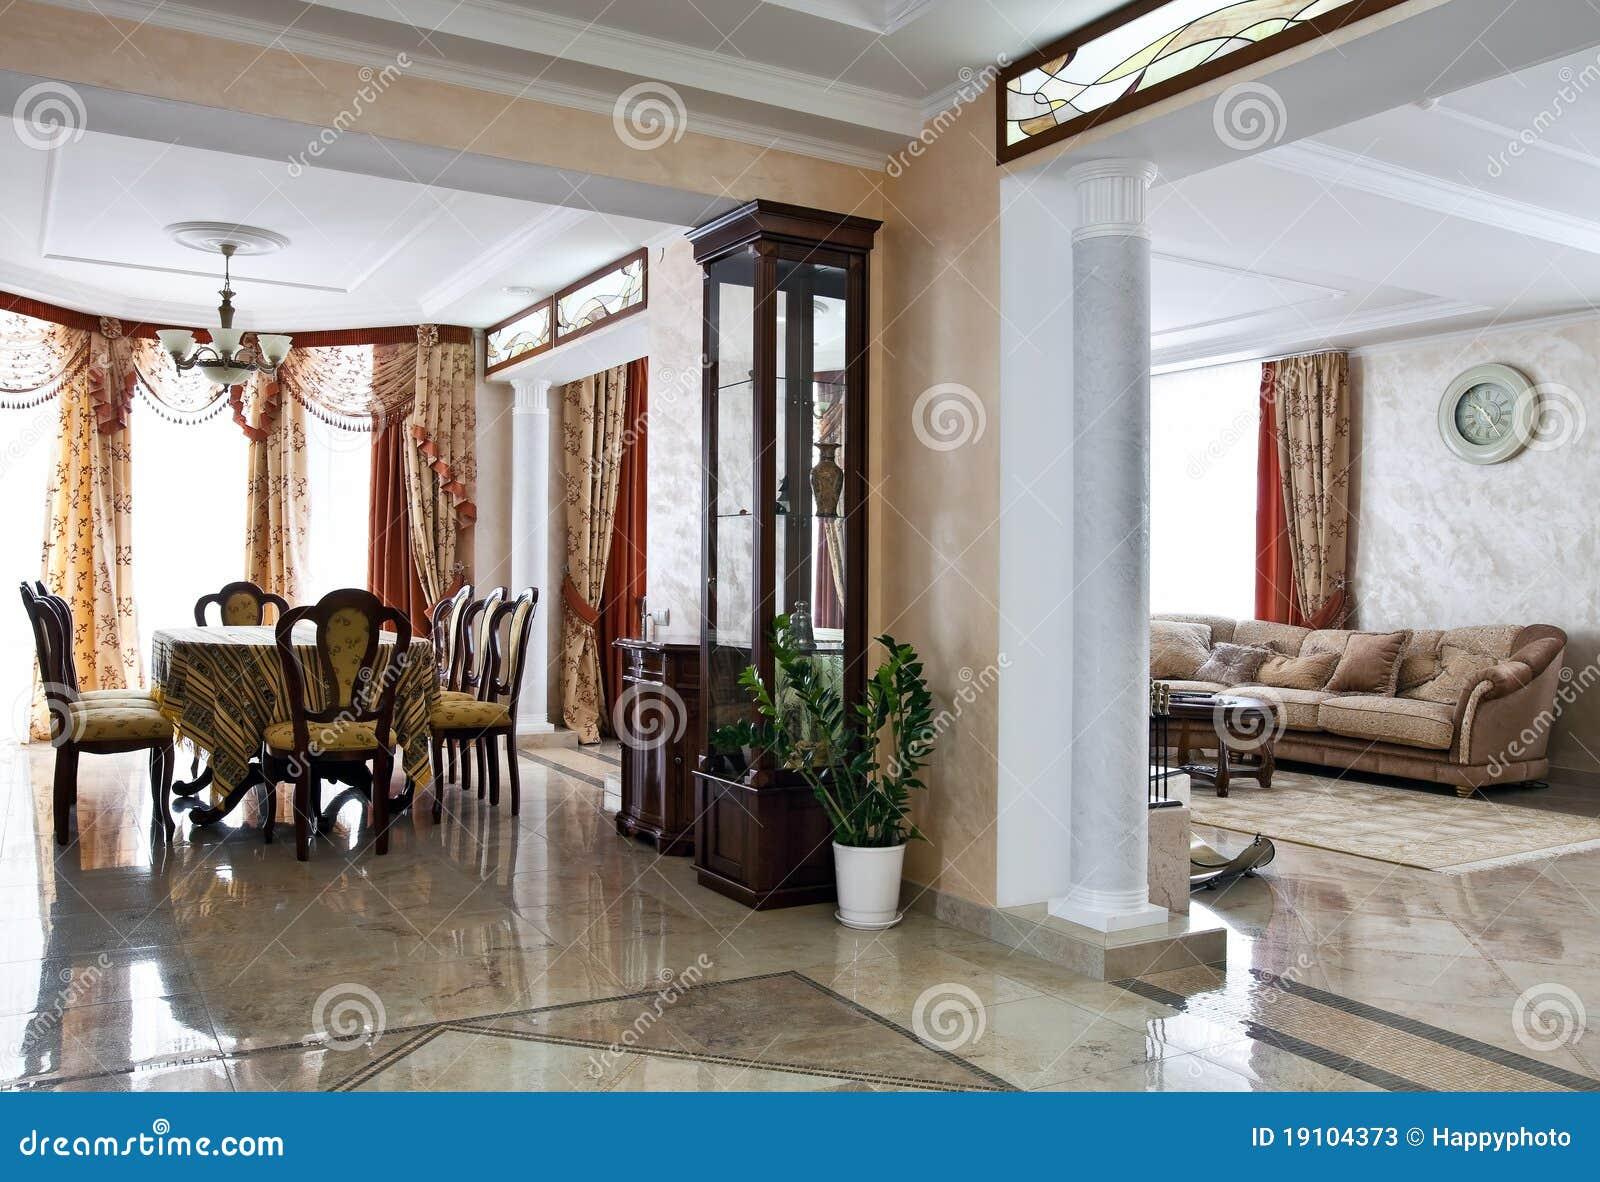 Maison interieur luxe for Maison luxe interieur